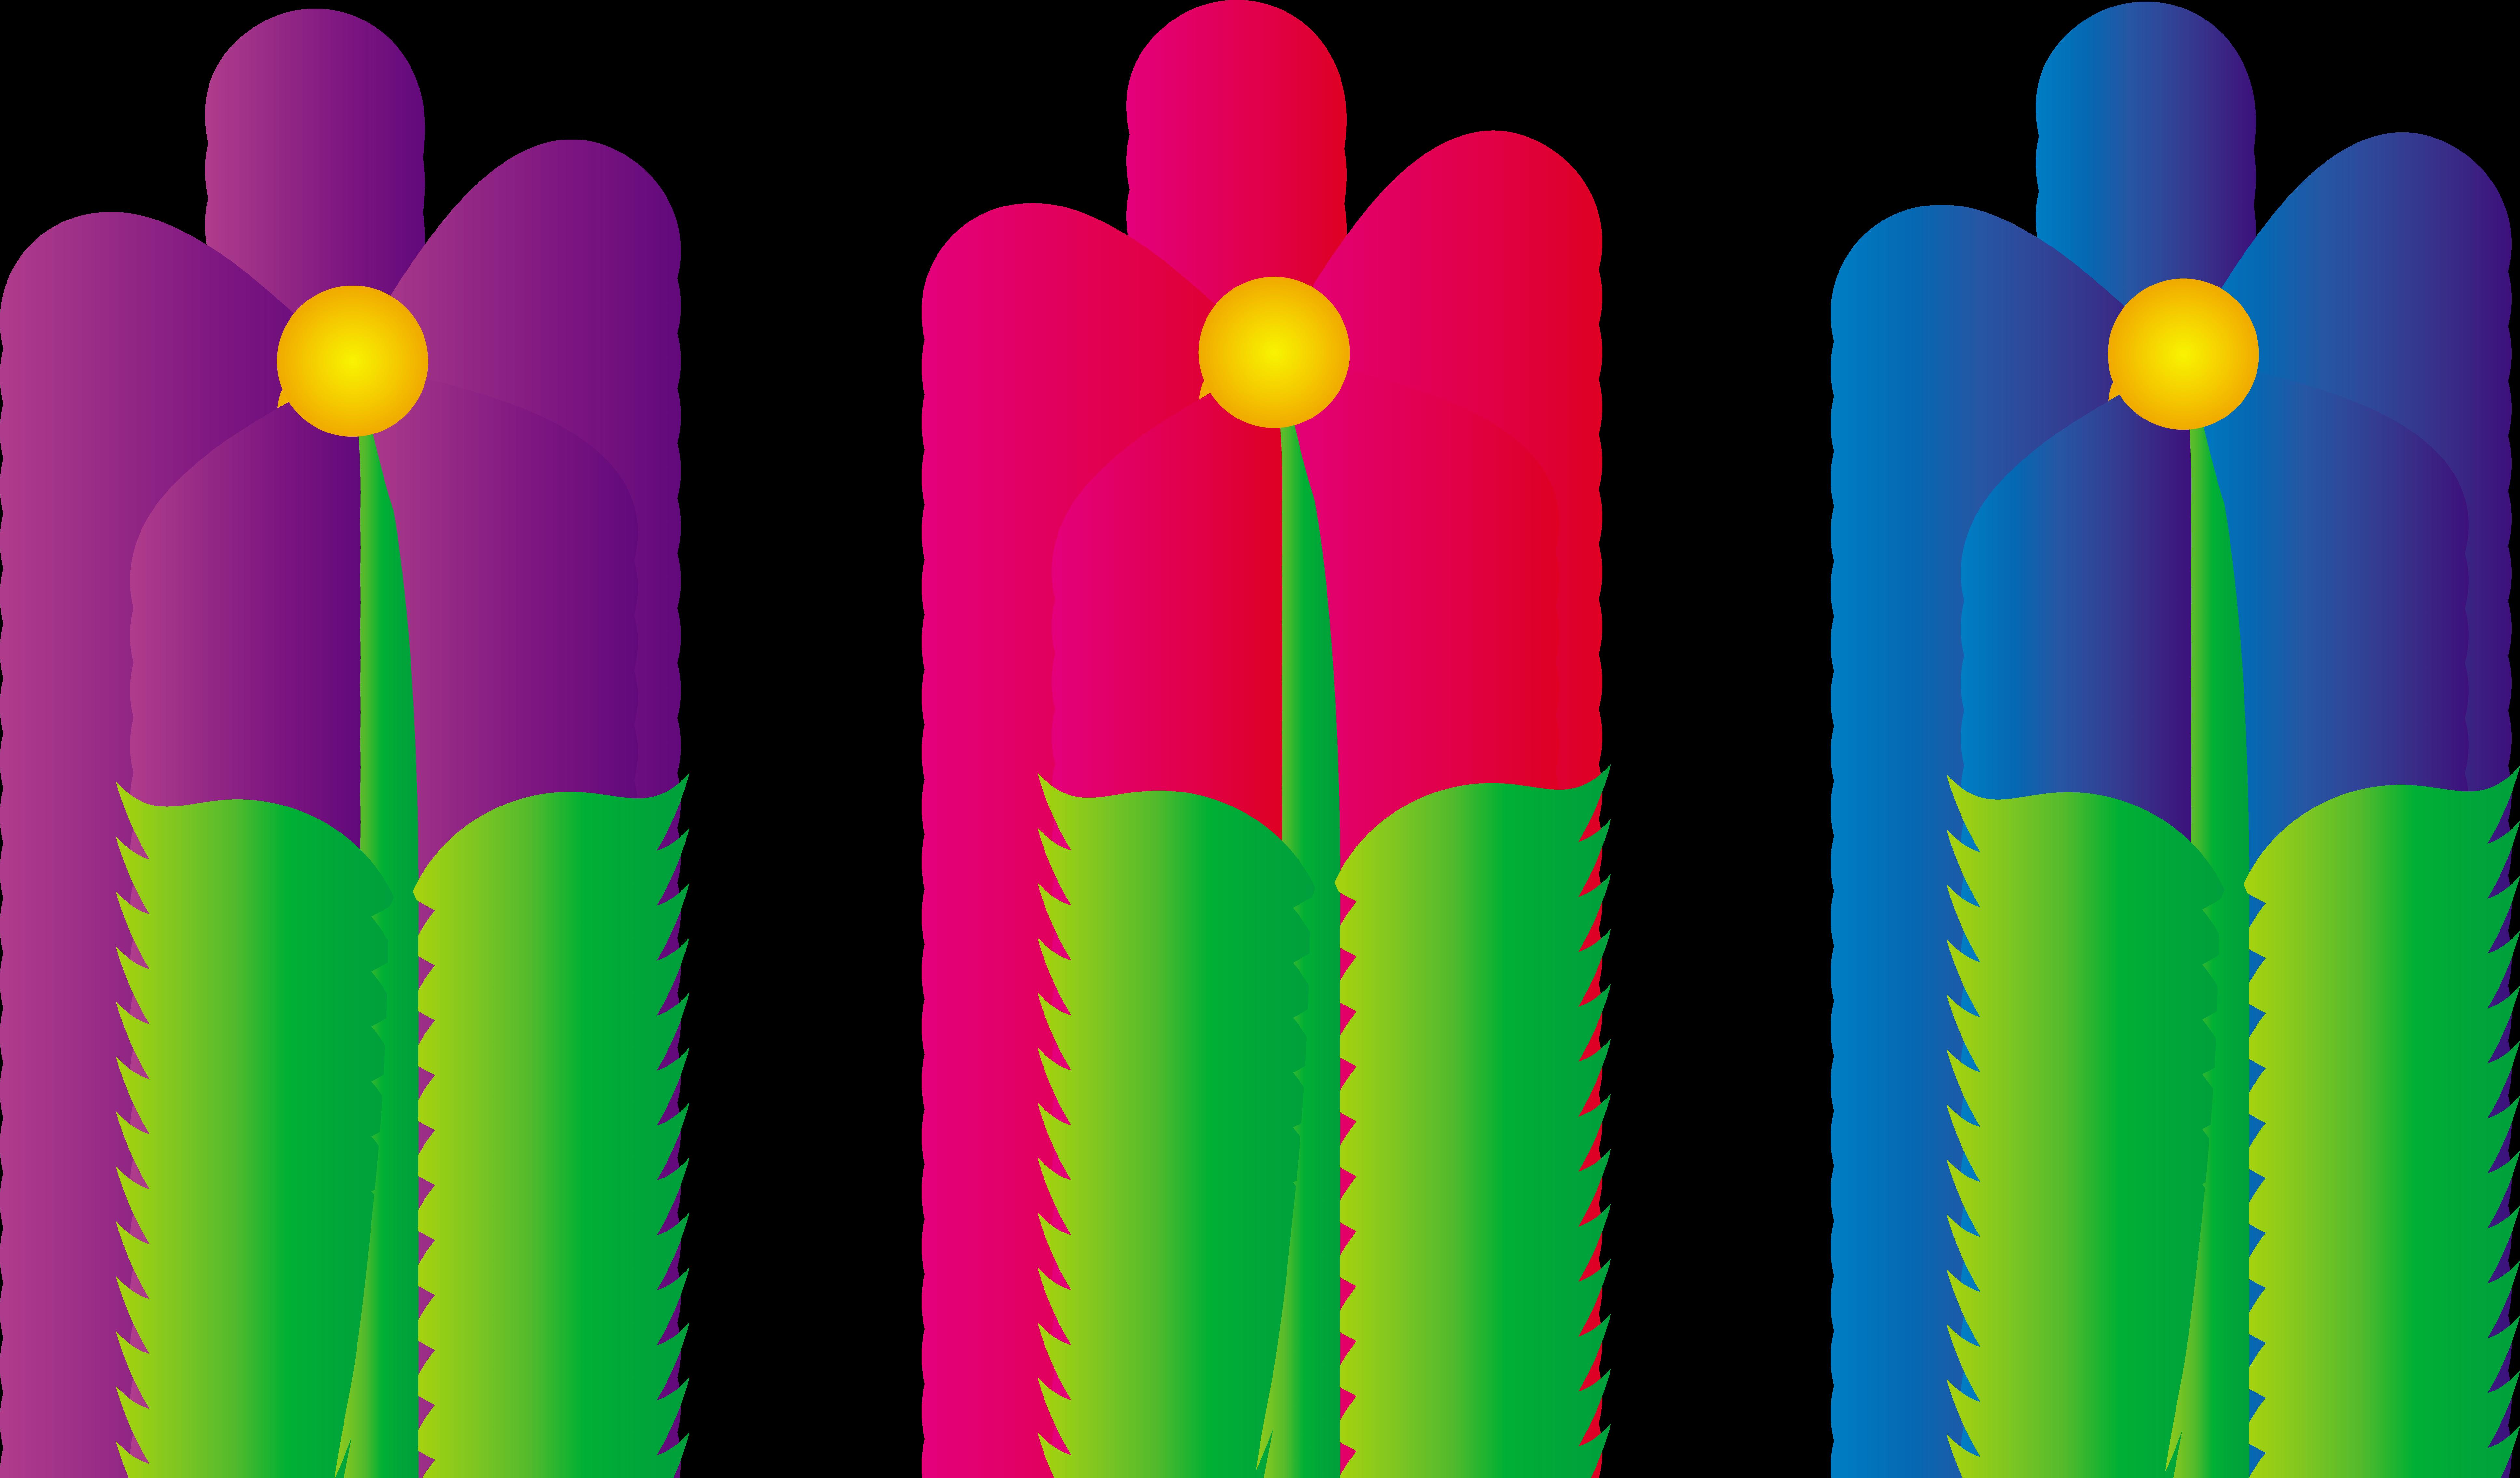 Flower clipart Clipart Flower Images Free flower%20border%20clipart